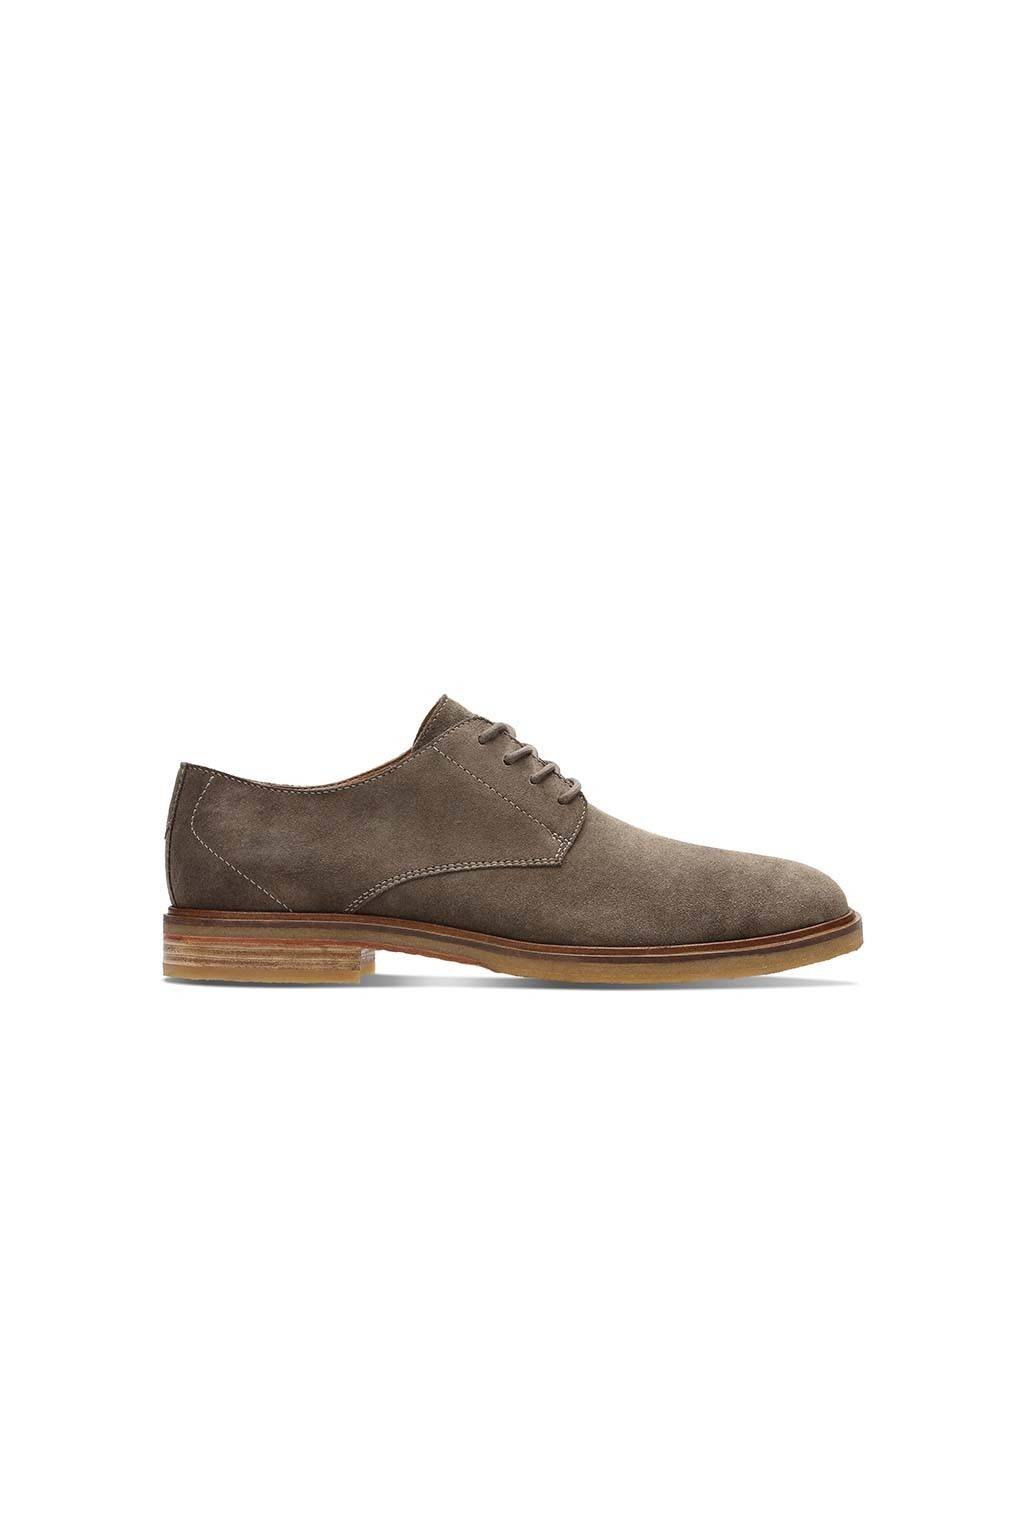 77e503914b1e shoes men Clarks clarkdale moon olive - medinapiel.es